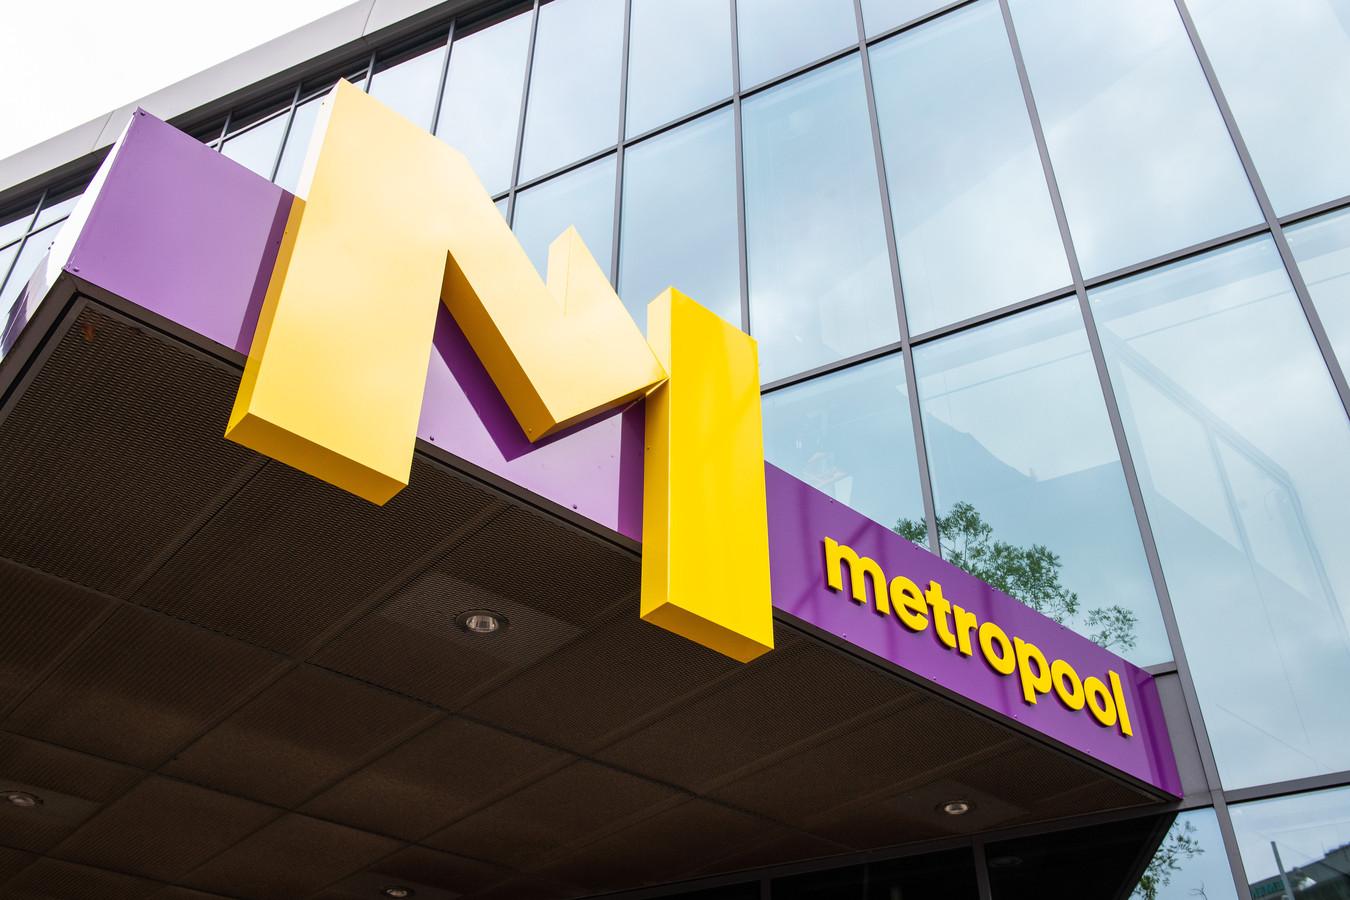 Poppodium Metropool trekt nu maandelijks in Hengelo en Enschede maandelijks nog maar 250 bezoekers tegen 11.000 voordat corona uitbrak.